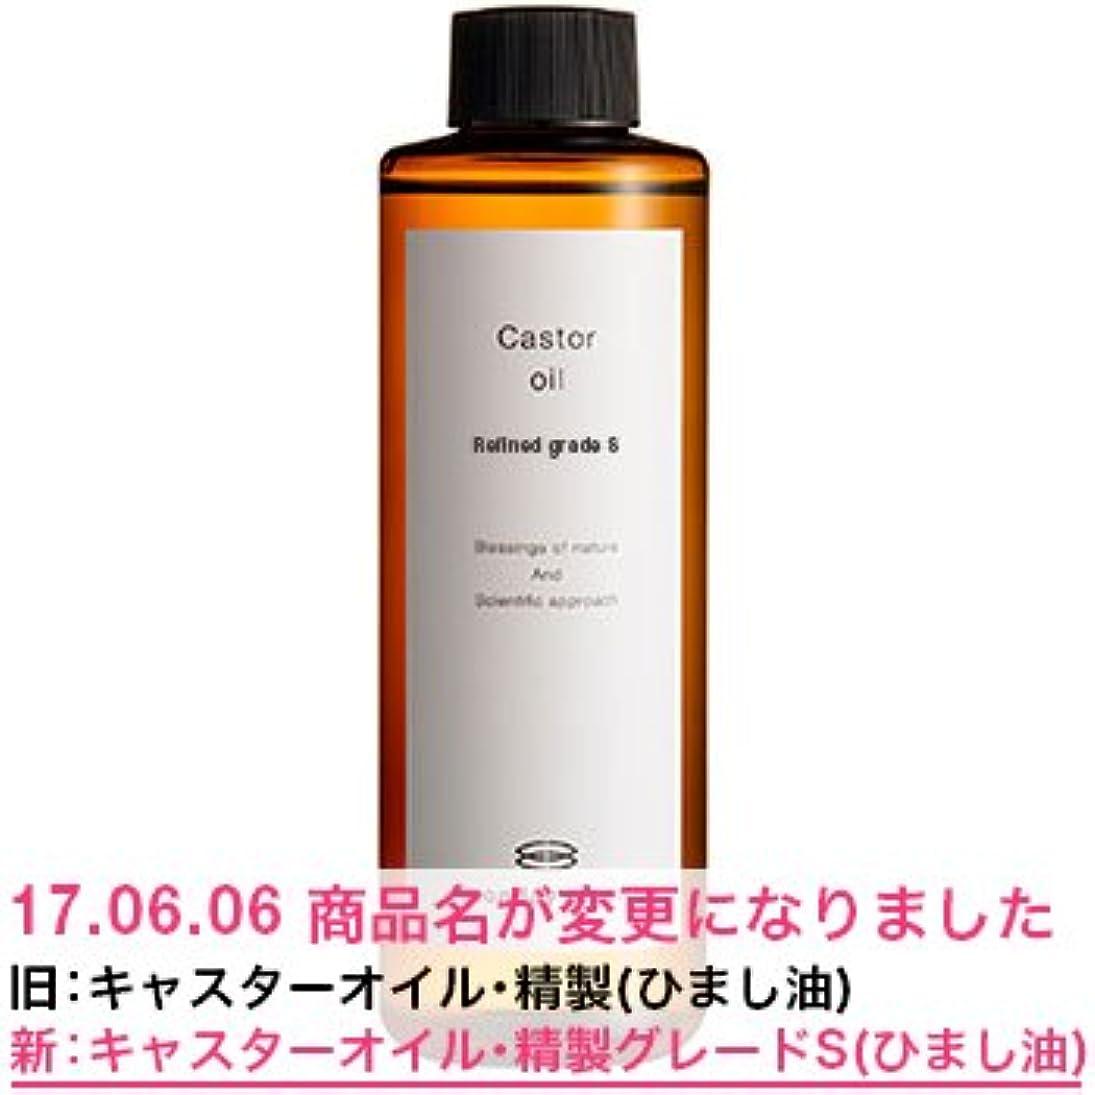 ストライドアクセシブルビルキャスターオイル?精製グレードS(ひまし油)/200ml